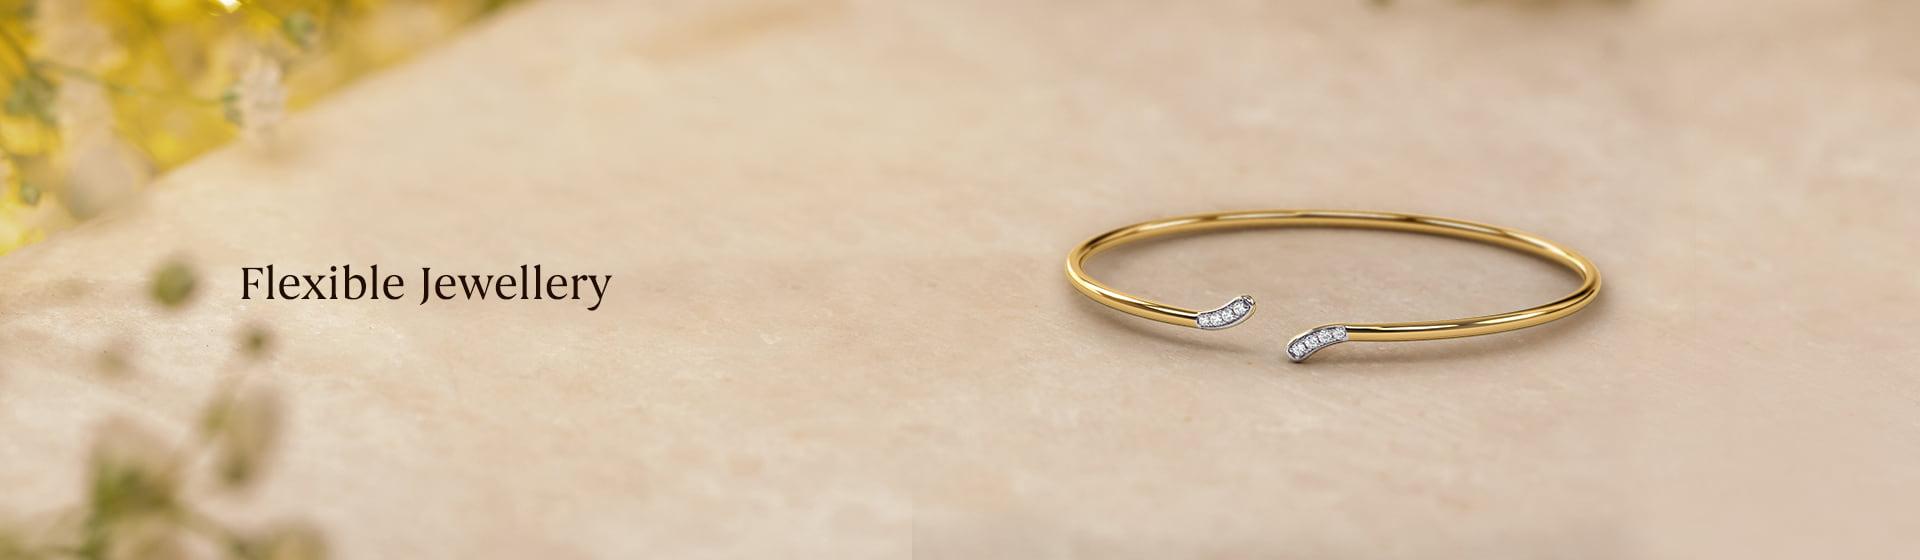 Best diamond & gold plated Flexible Bracelet for women and girls